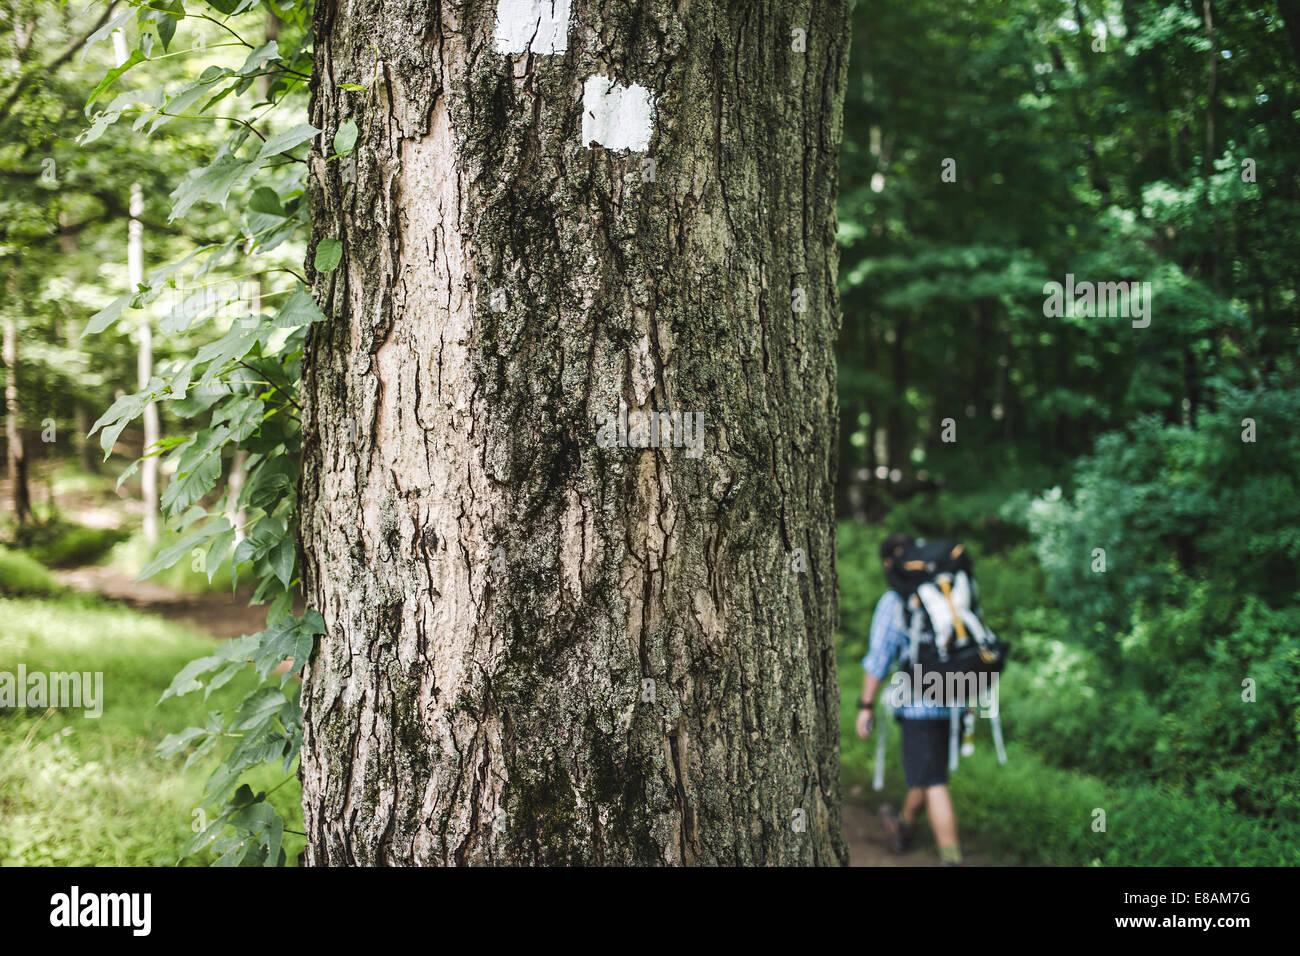 L'uomo escursioni nella foresta con tronco di albero in primo piano Immagini Stock